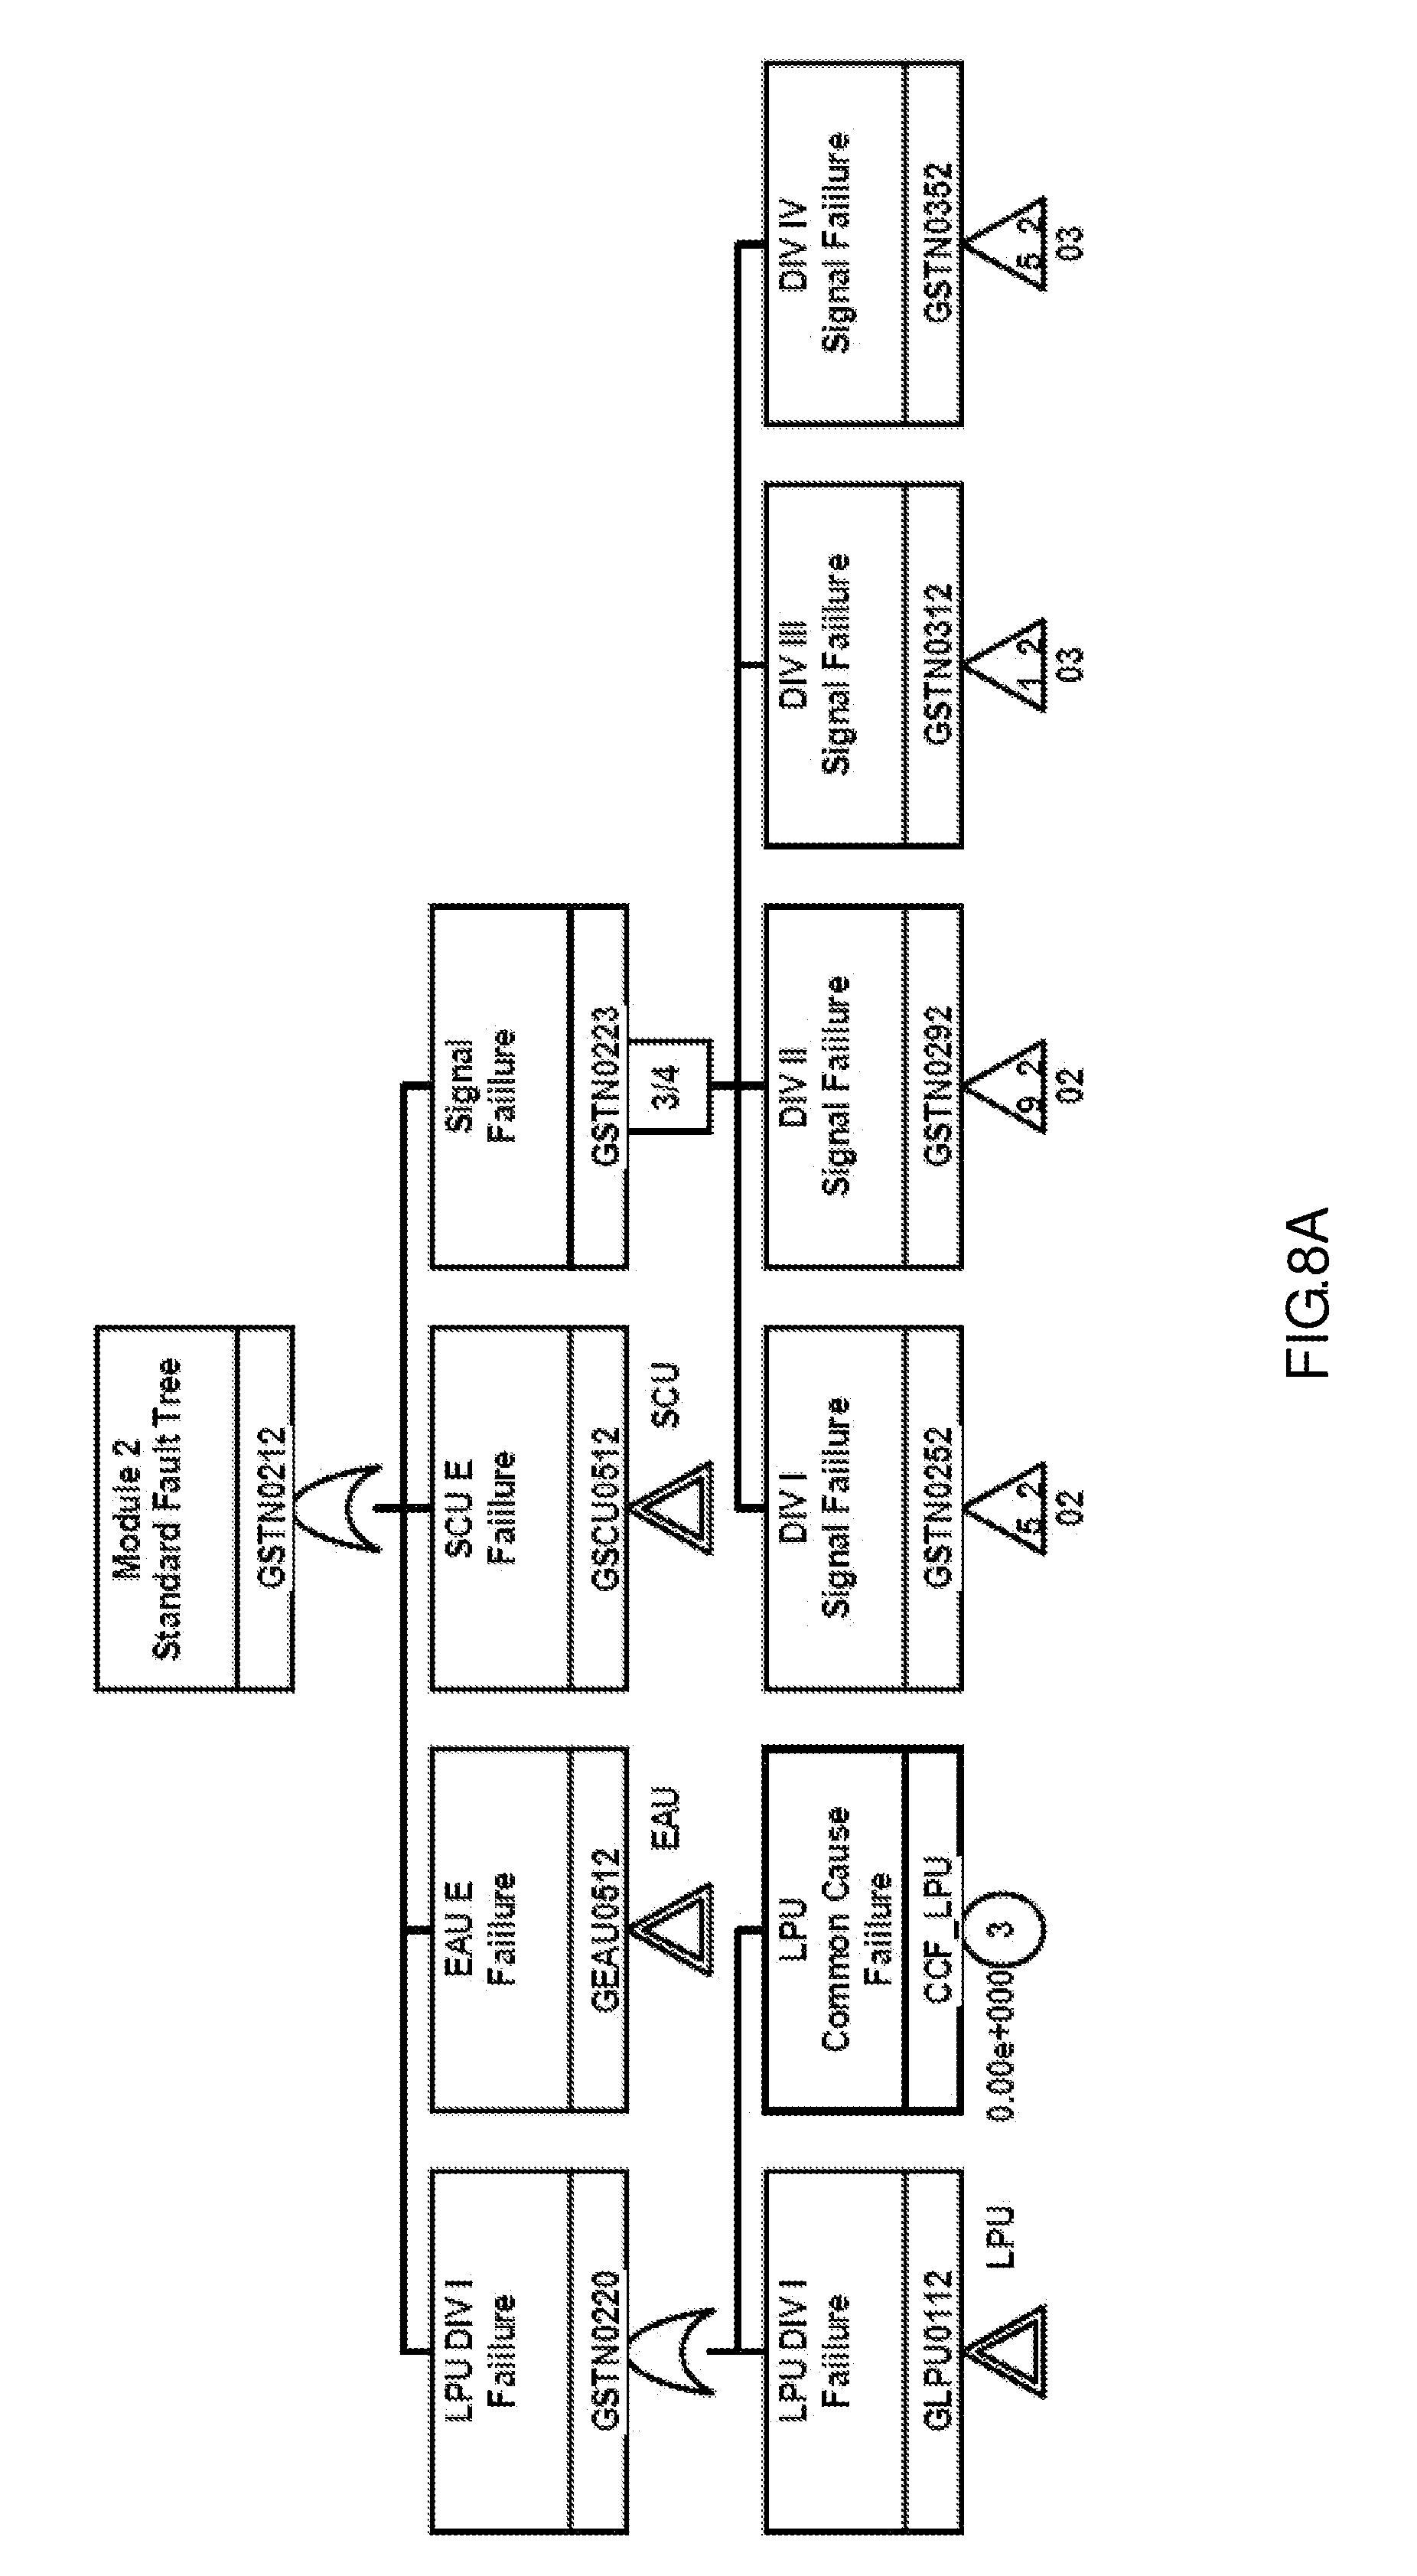 patent us8352236